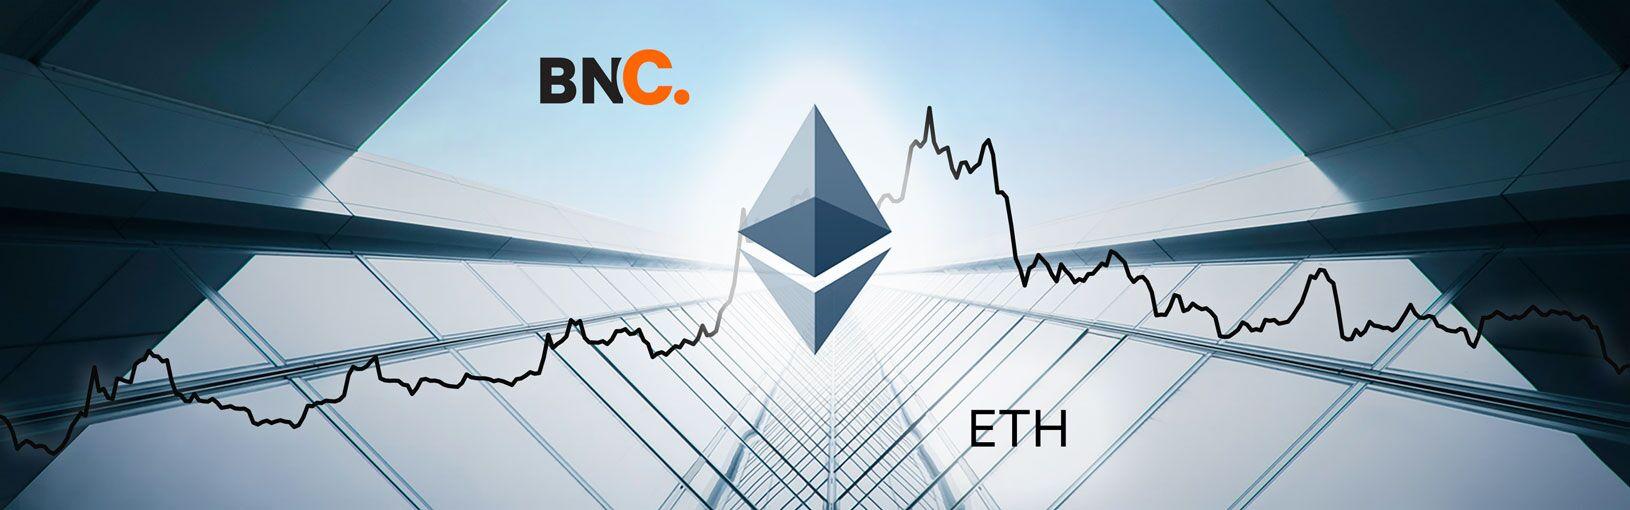 ethereum price - photo #10